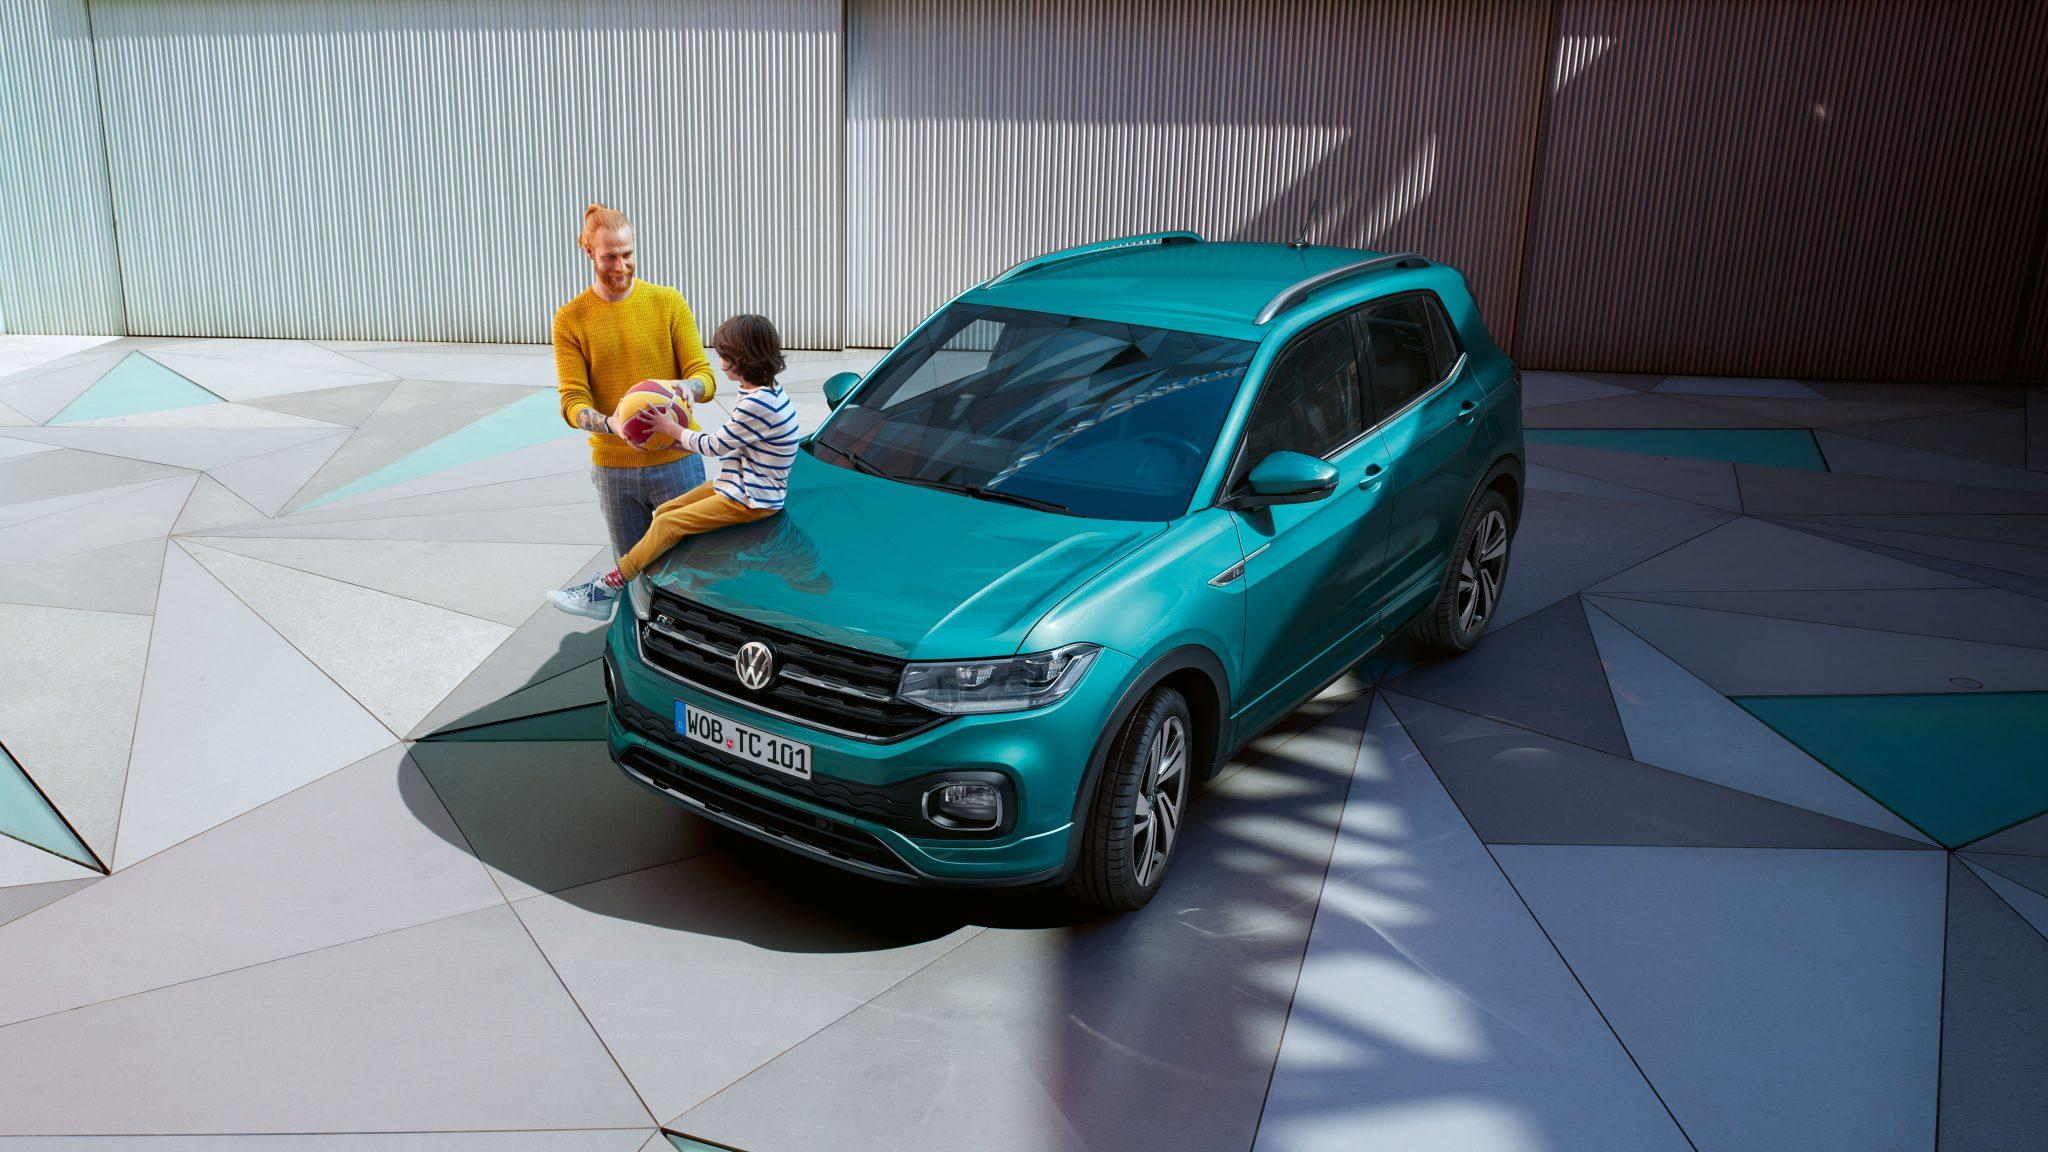 VW T-Cross Vorteile und Nachteile des Polo-SUV Frontansicht Bildquelle: Volkswagen.de